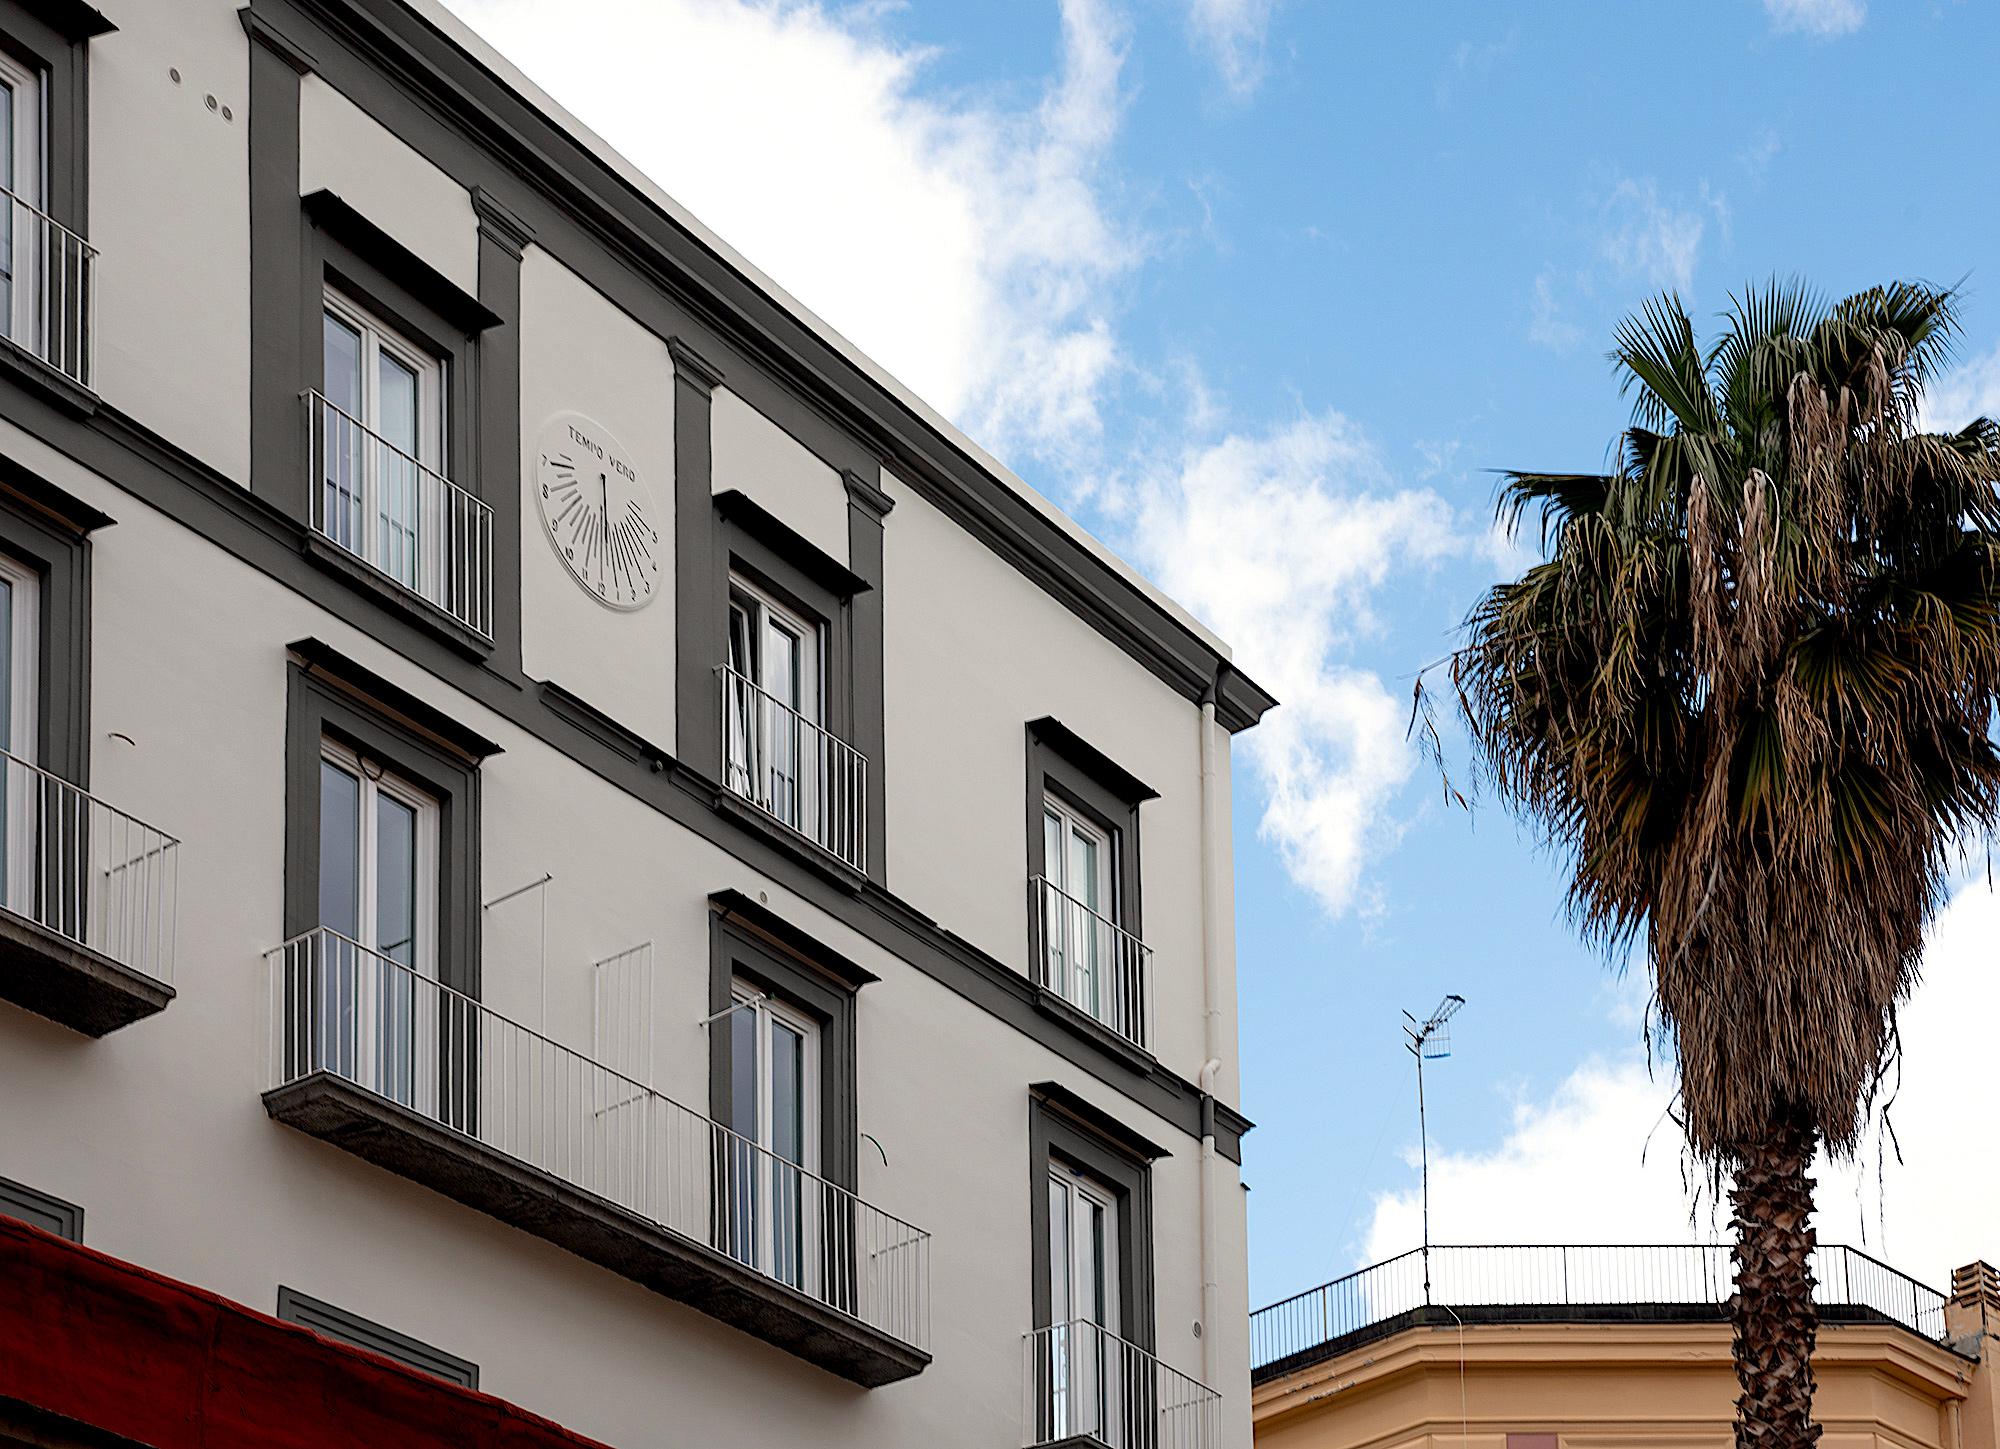 milara-srl-gruppo-postiglione-societa-di-costruzioni-e-vendita-appartamenti-immobili-residenziali-commerciali-via-santa-teresa-chiaia-napoli-esterni-002